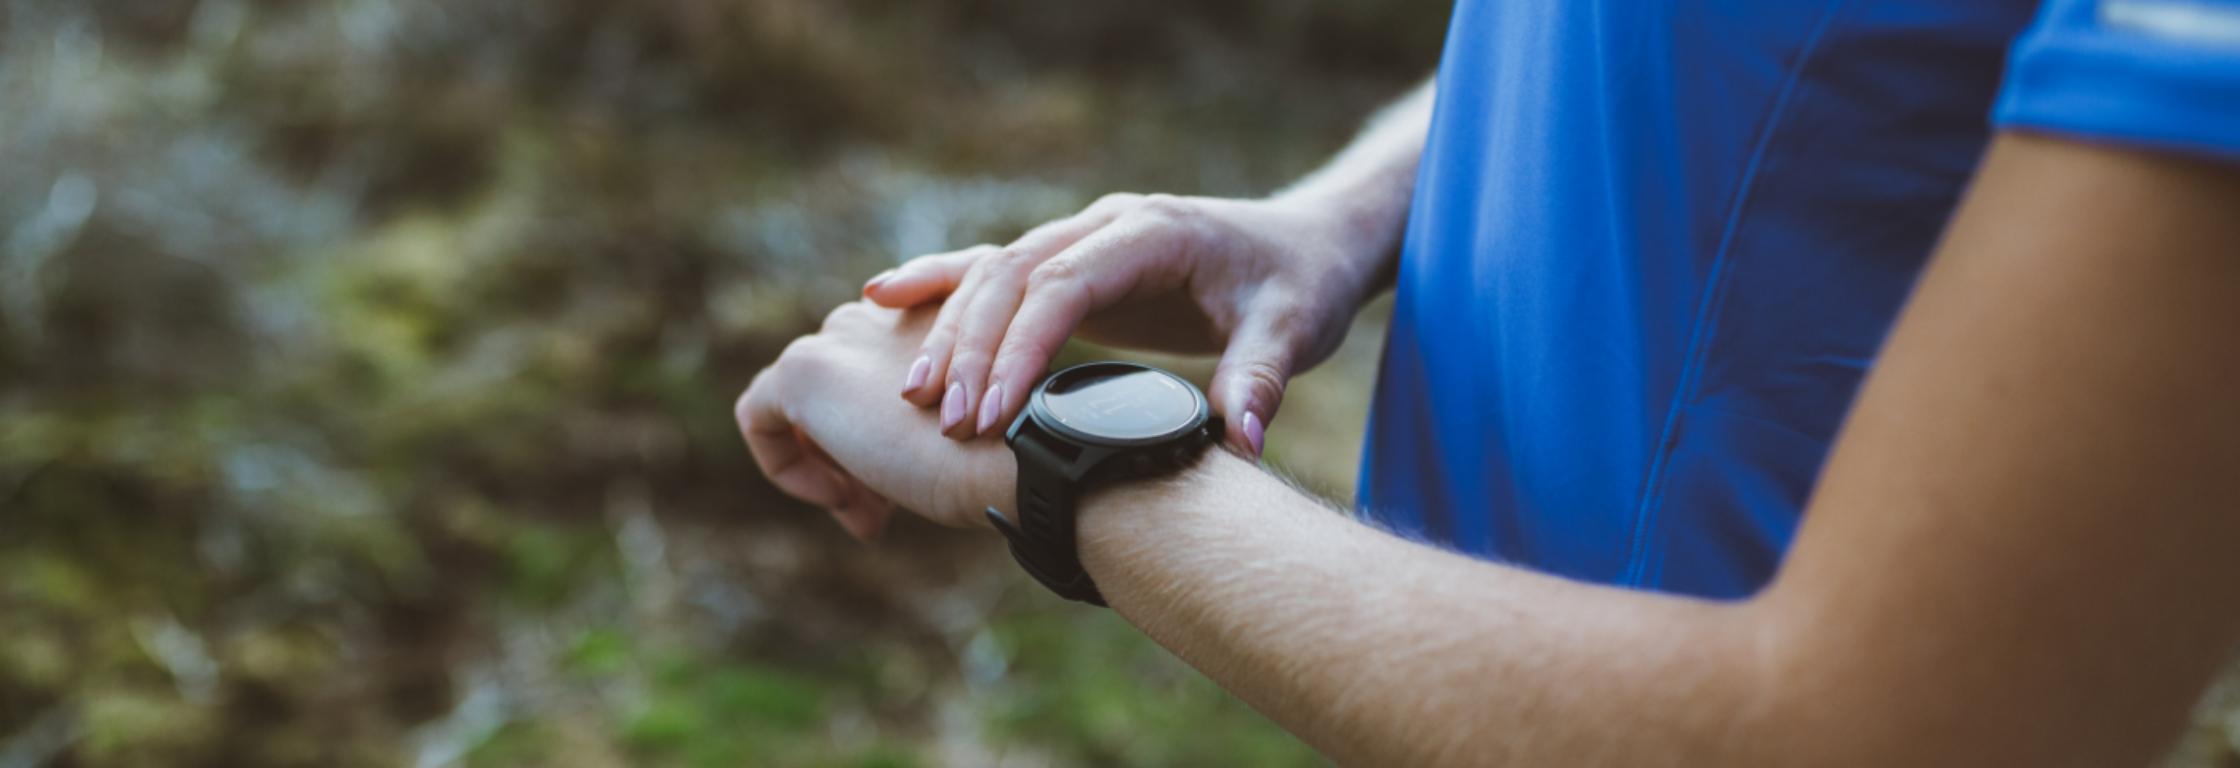 Daag jezelf uit met virtuele hardloopwedstrijden